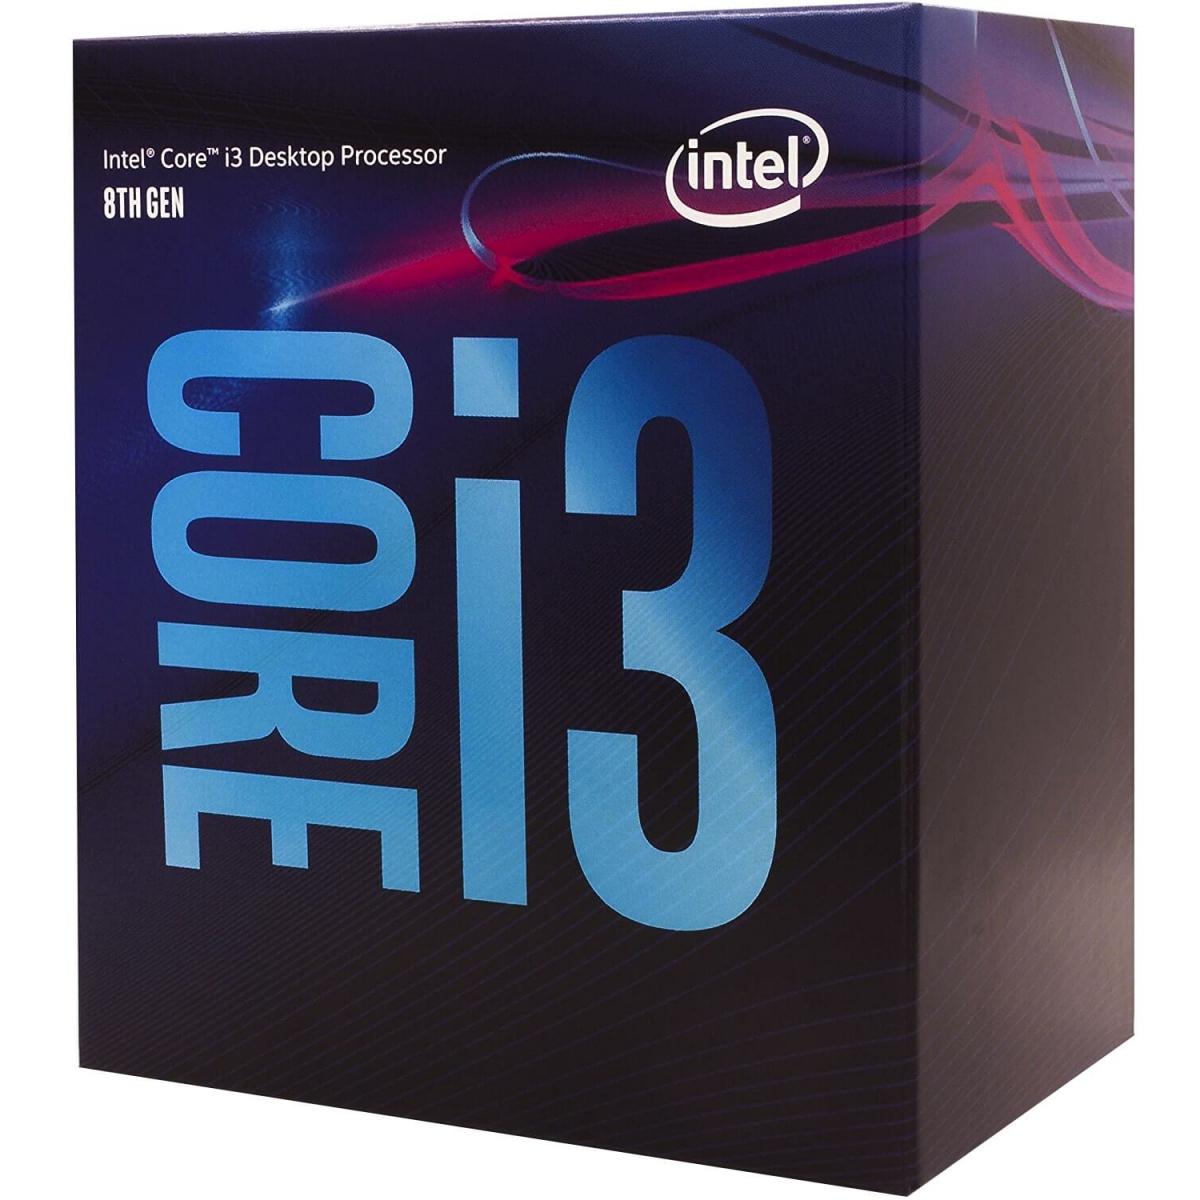 Processador Intel Core i3 8100 3.6GHz, 8ª Geração, 4-Core 4-Thread, LGA 1151, BX80684I38100